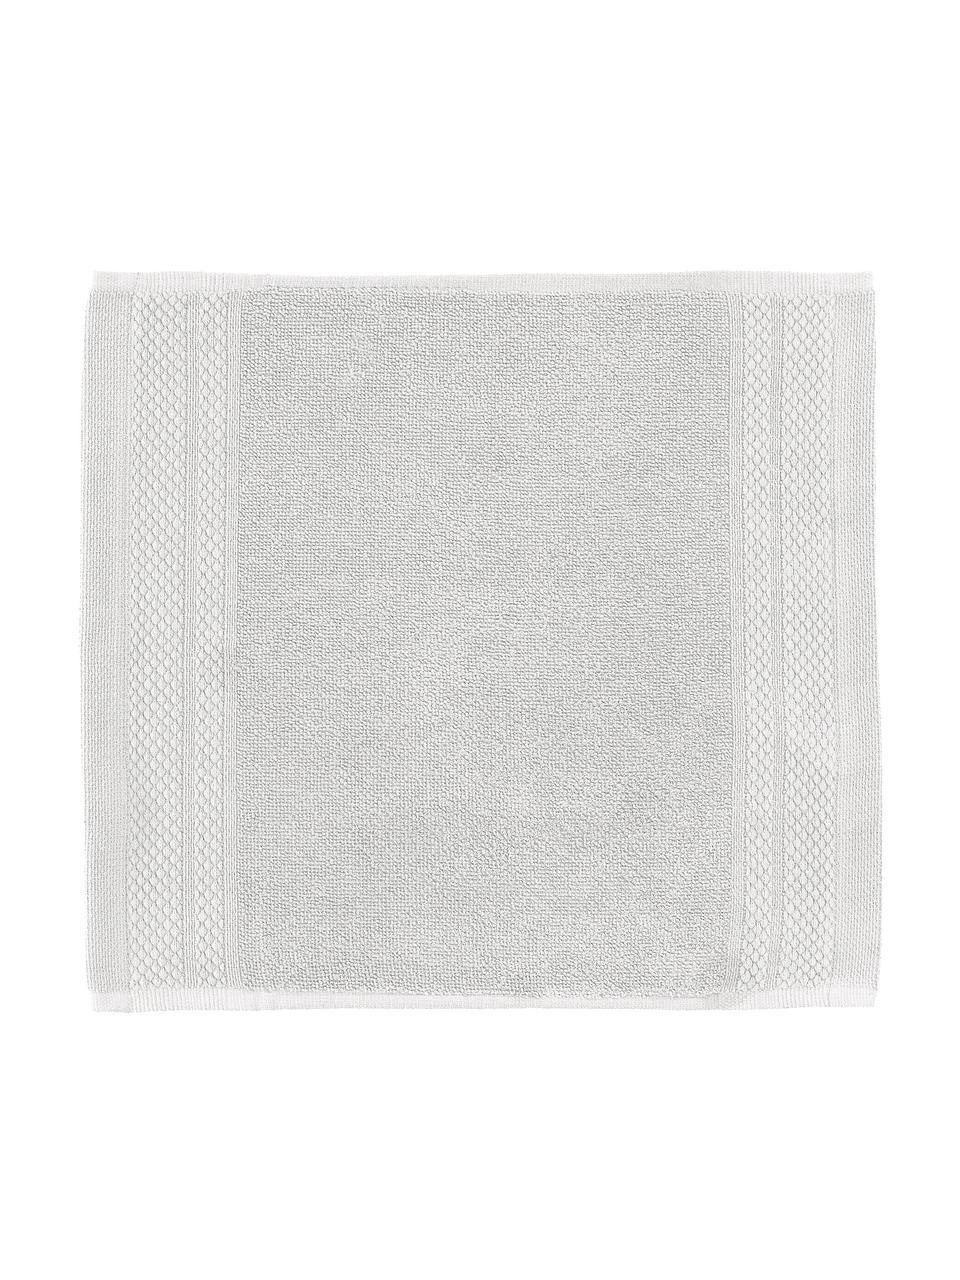 Handtuch Premium in verschiedenen Größen, mit klassischer Zierbordüre, Hellgrau, 30 x 30 cm